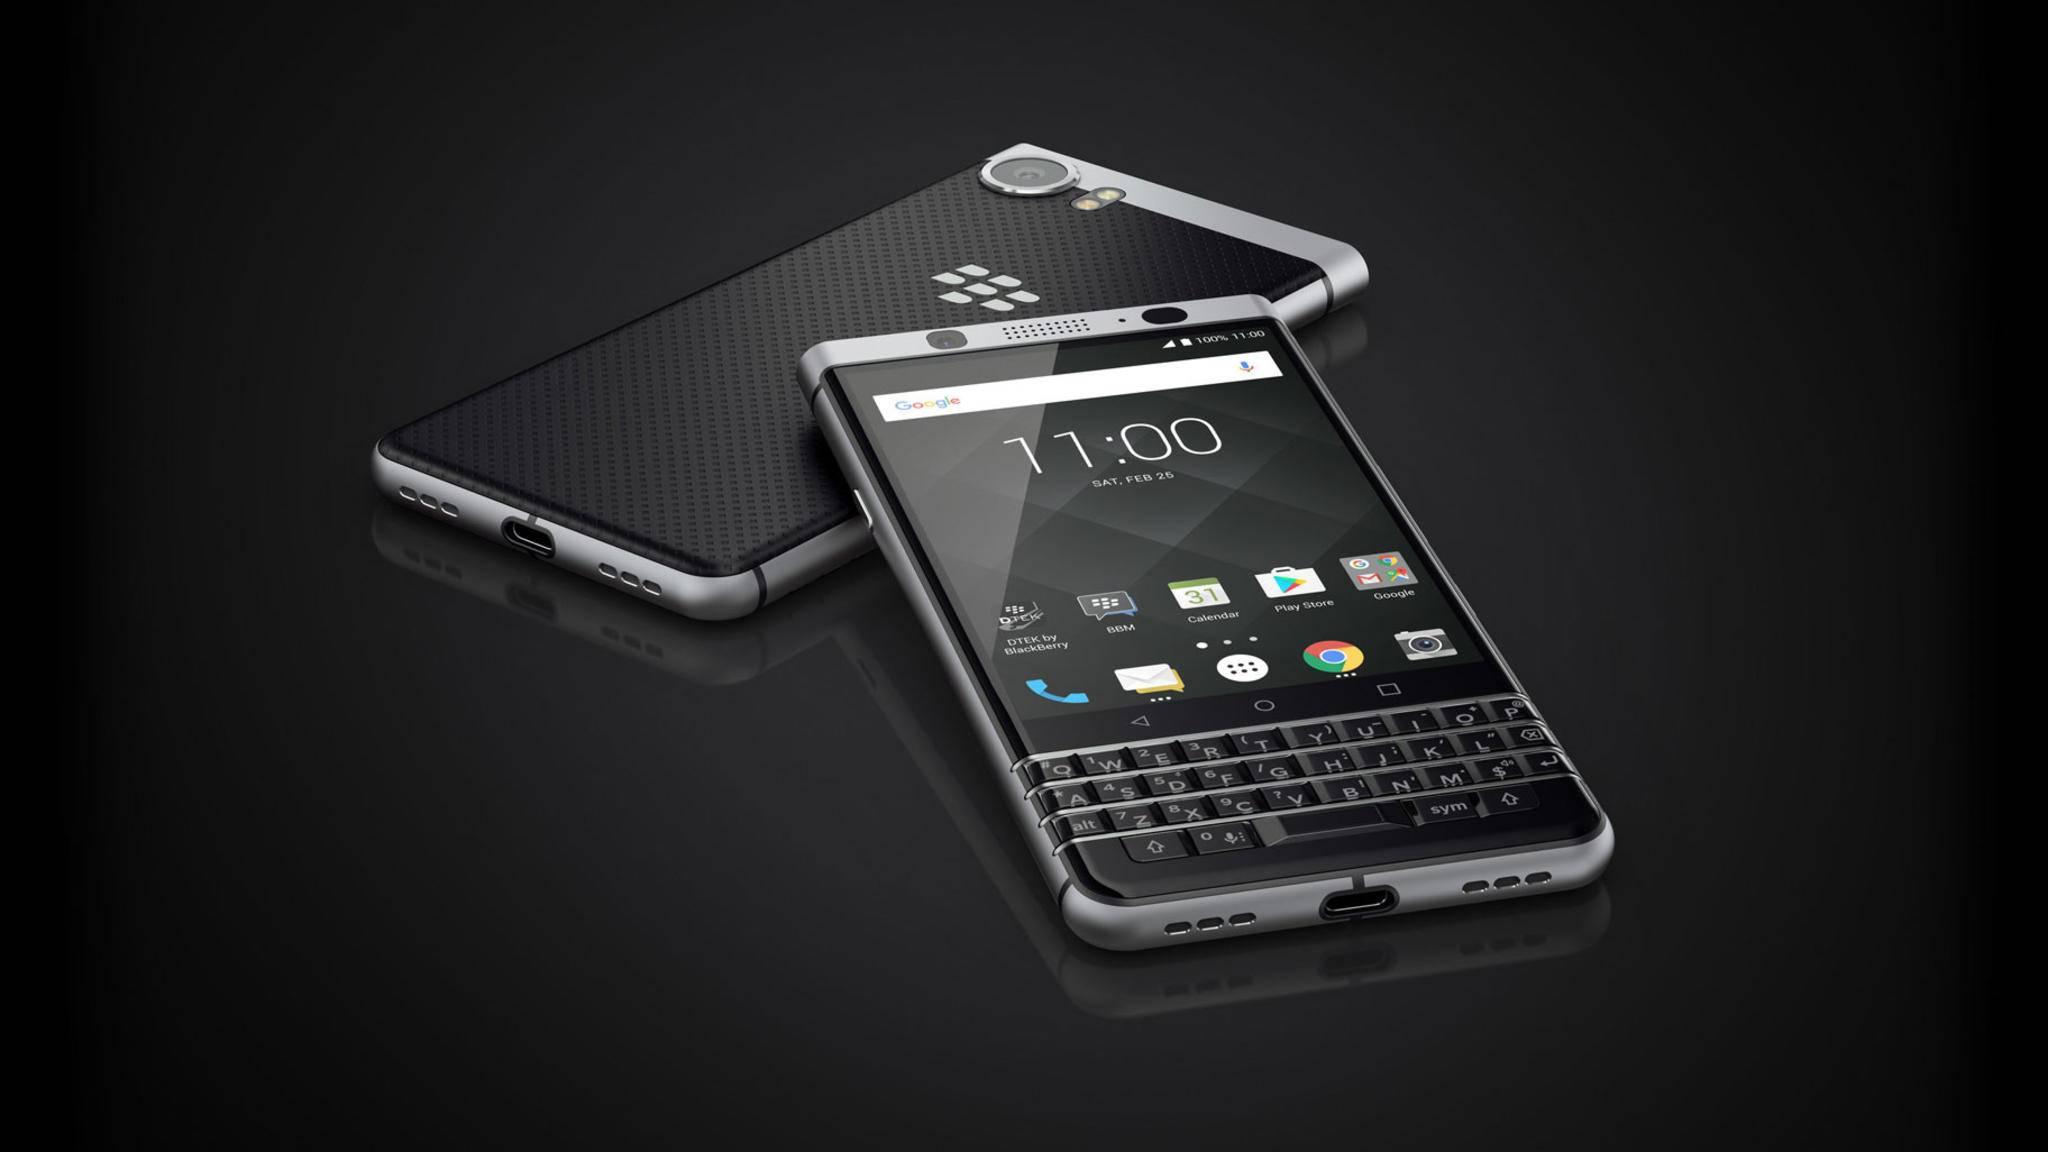 Die QWERTZ-Tastatur, hier beim BlackBerry KEYone, ist heute eher die Ausnahme.